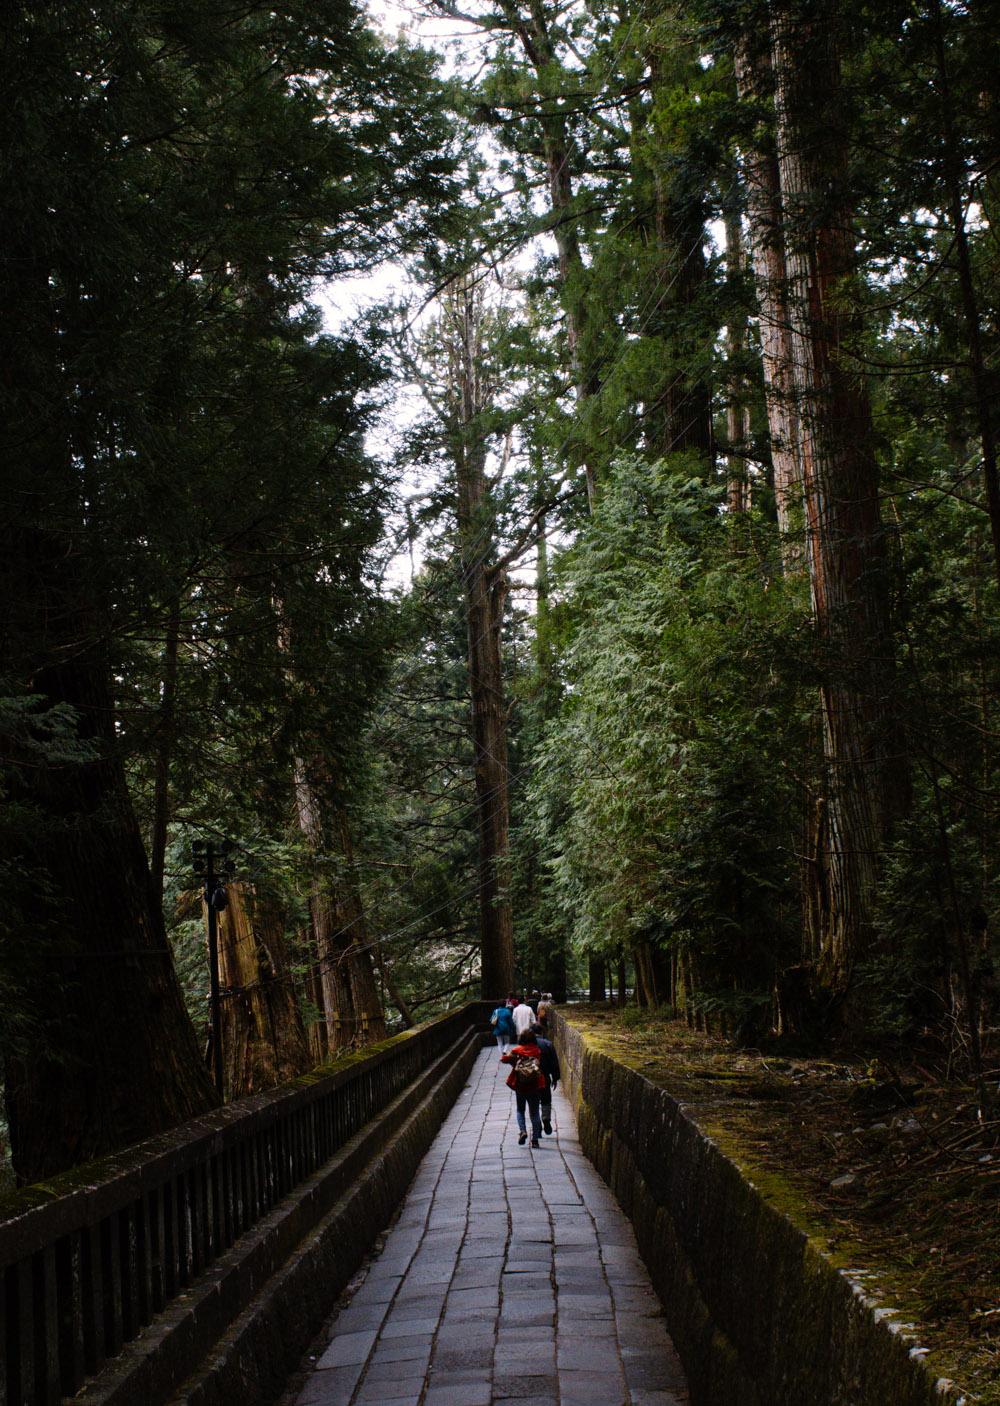 Nikko trees